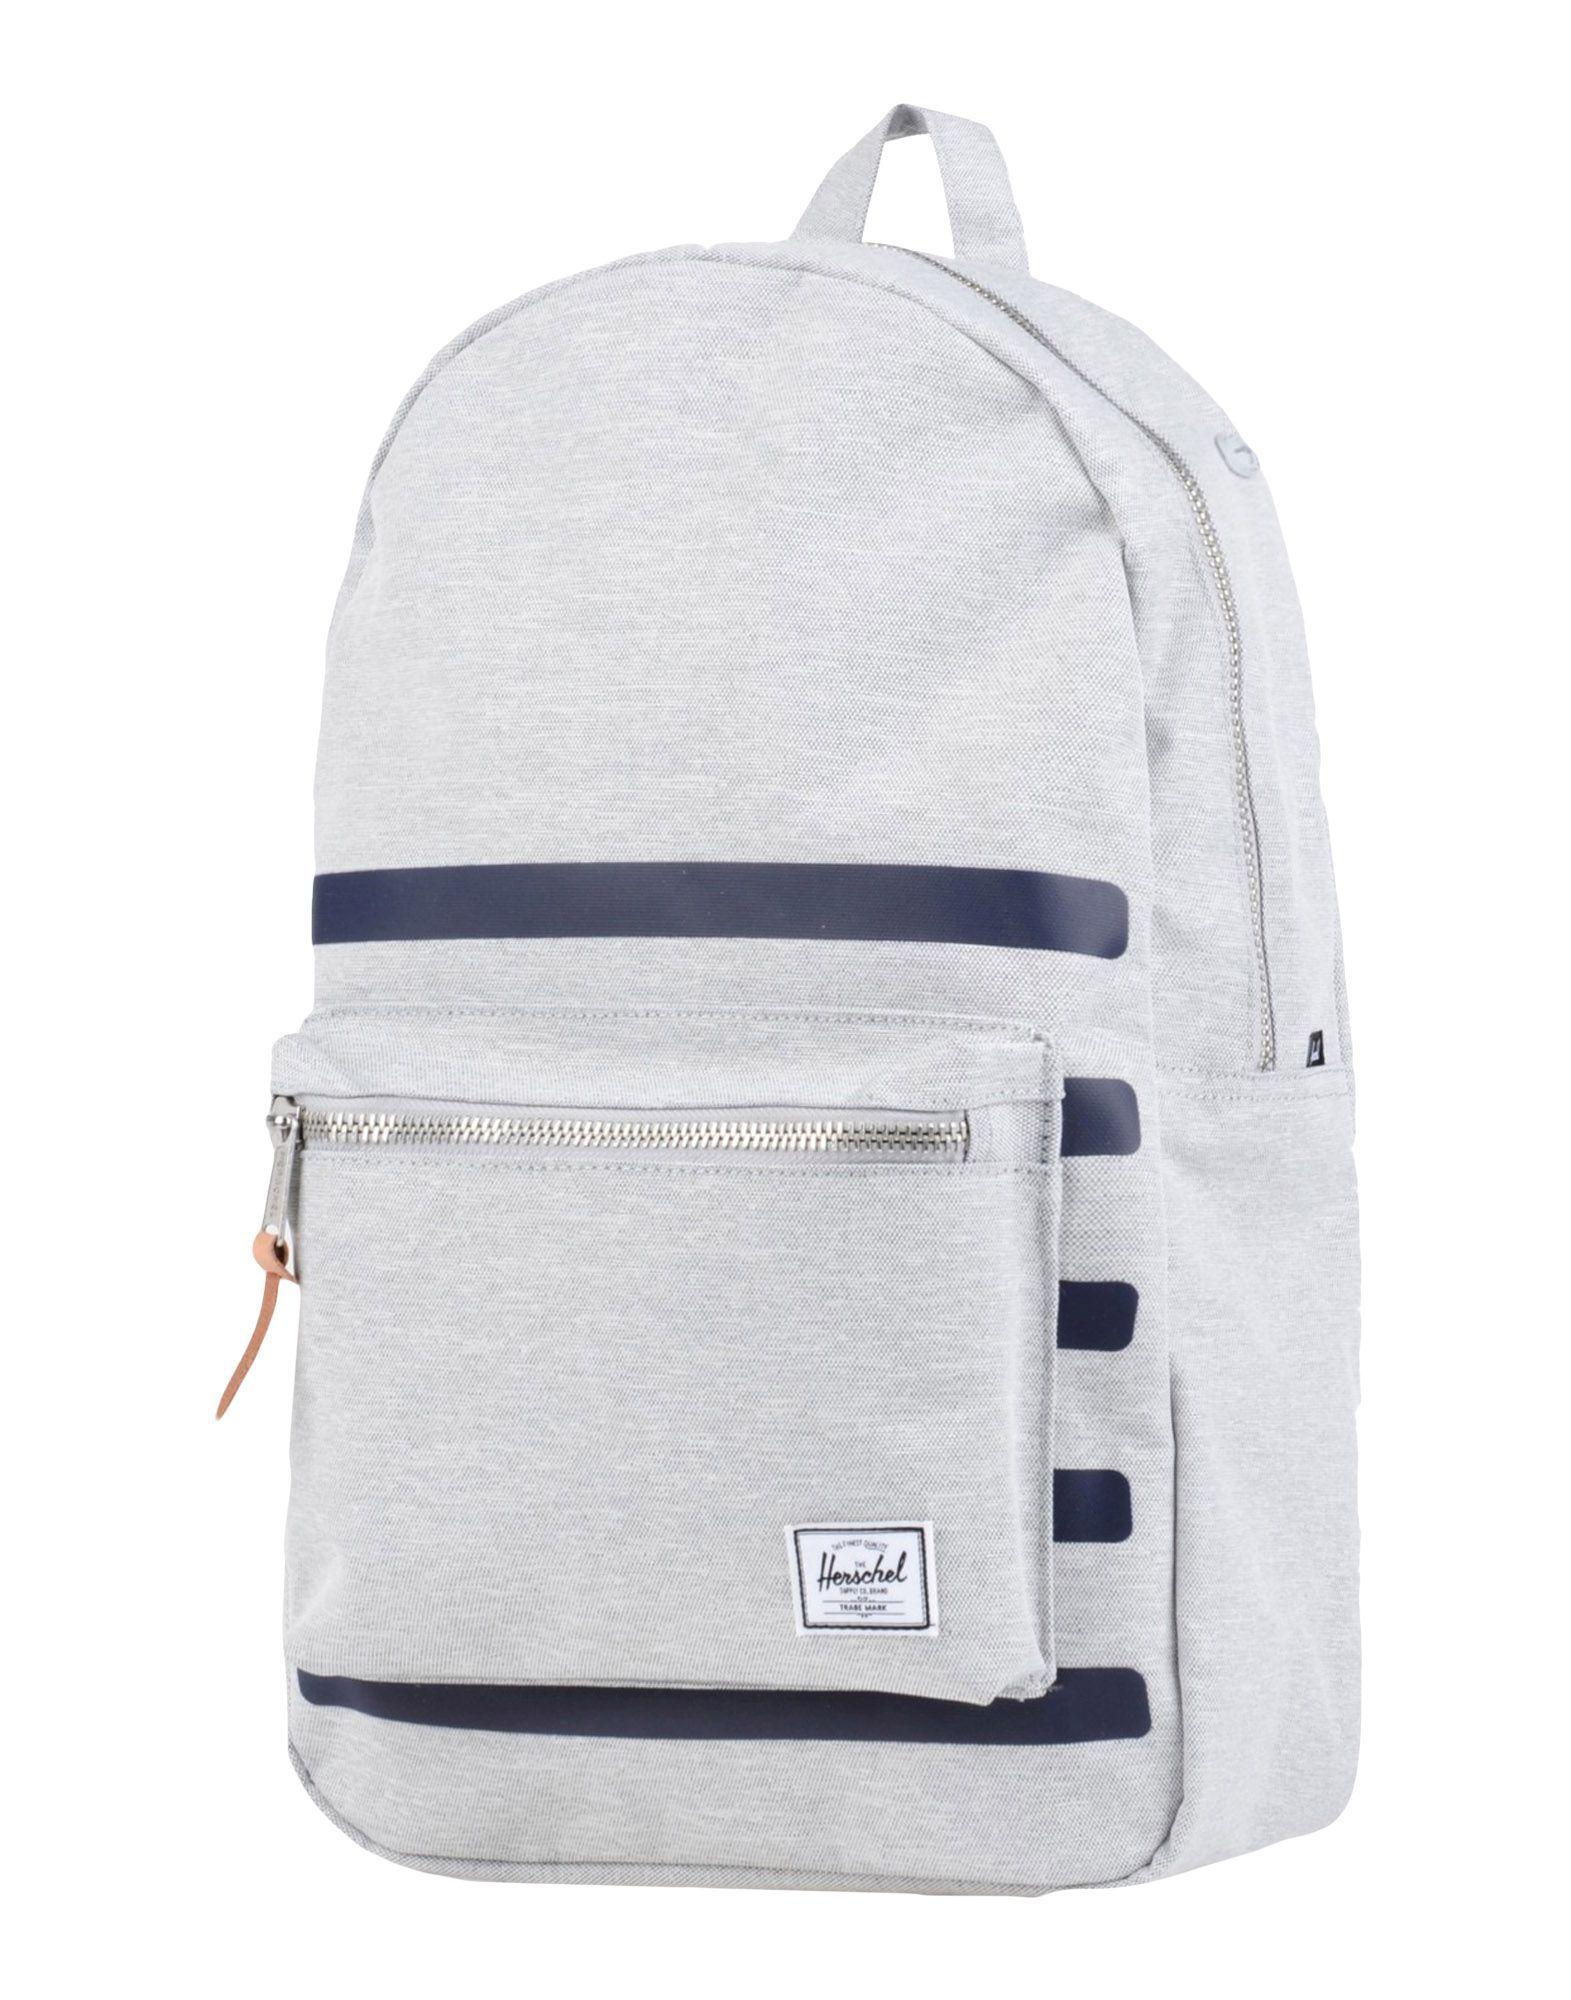 807b1b2ed54 Herschel Settlement Backpack. HERSCHEL SUPPLY CO. .  herschelsupplyco.  bags   canvas  backpacks  polyester